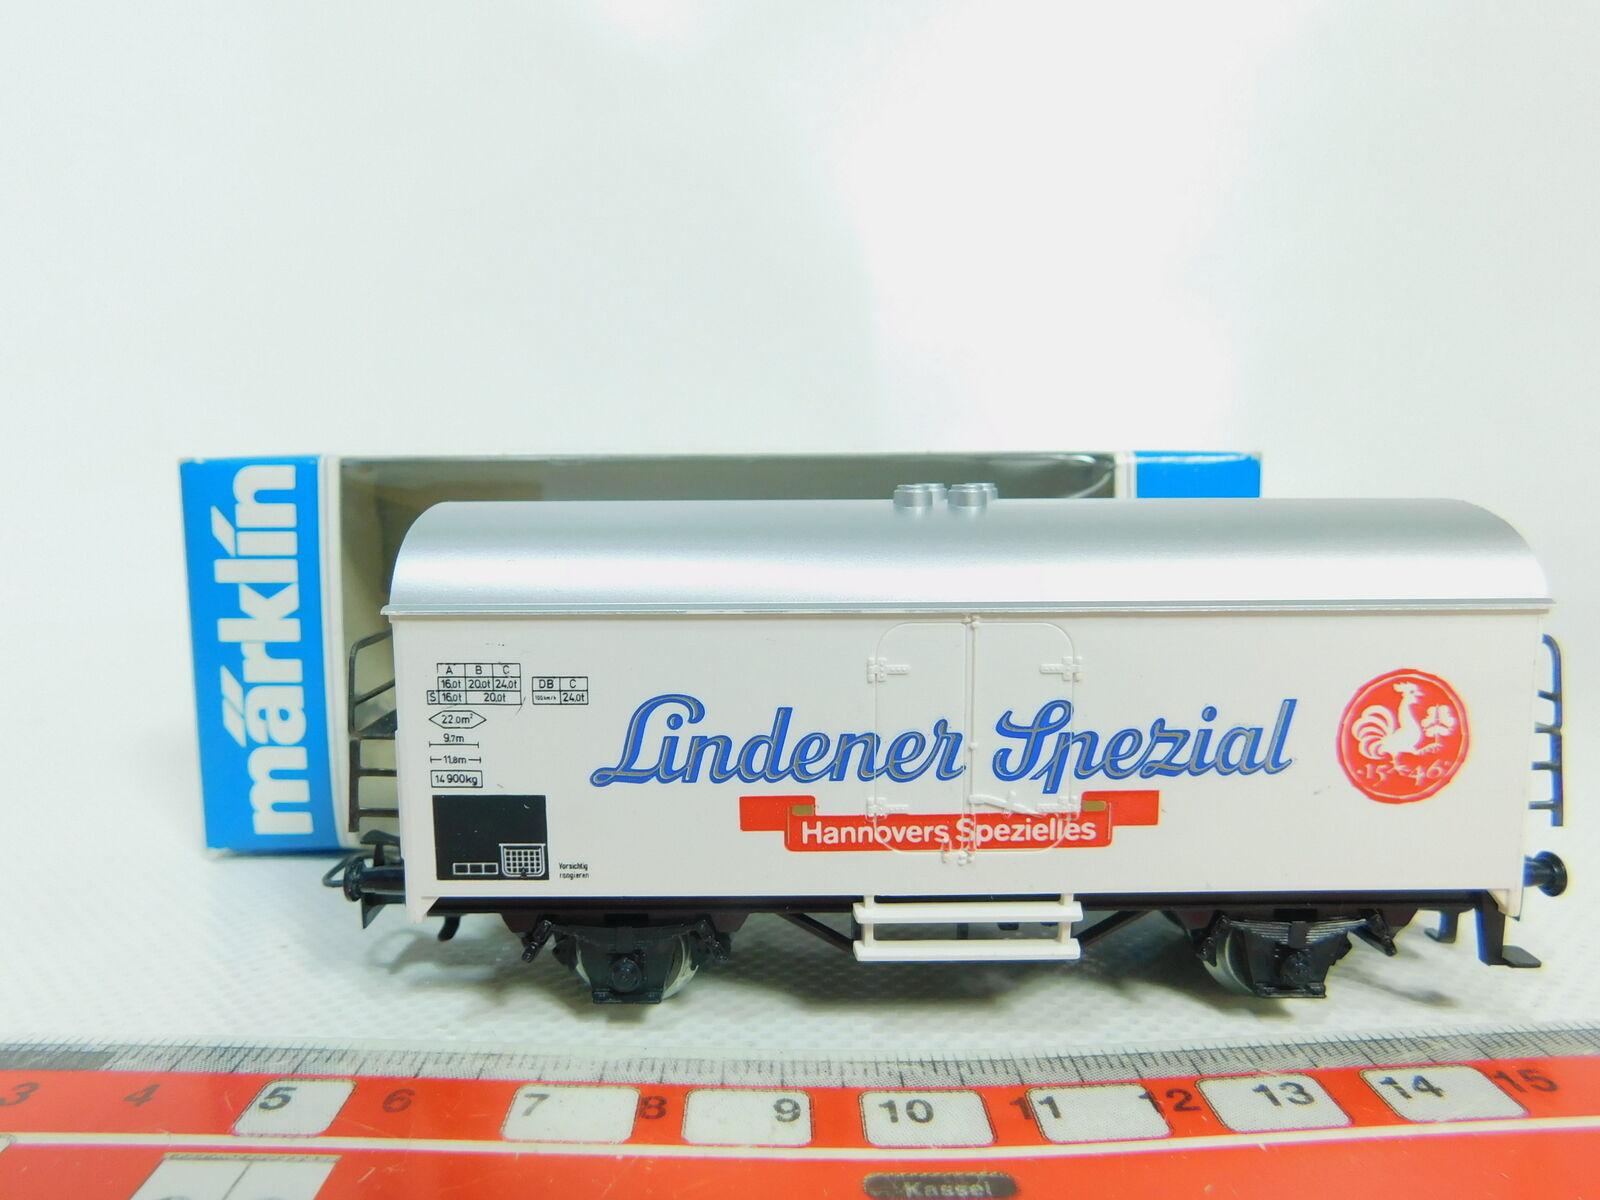 Bp55-0, 5 märklin h0 AC van beers Hannovers special lindener special